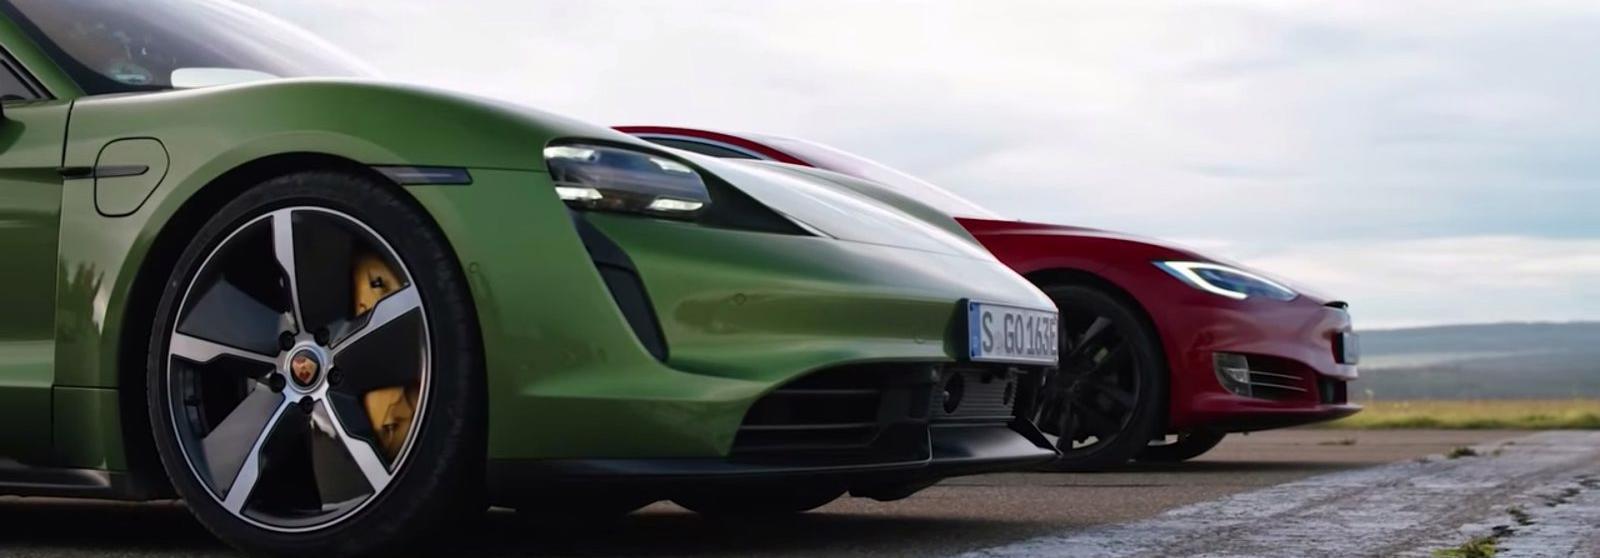 Vì sao Porsche Taycan khó thắng Tesla Model S về doanh số?